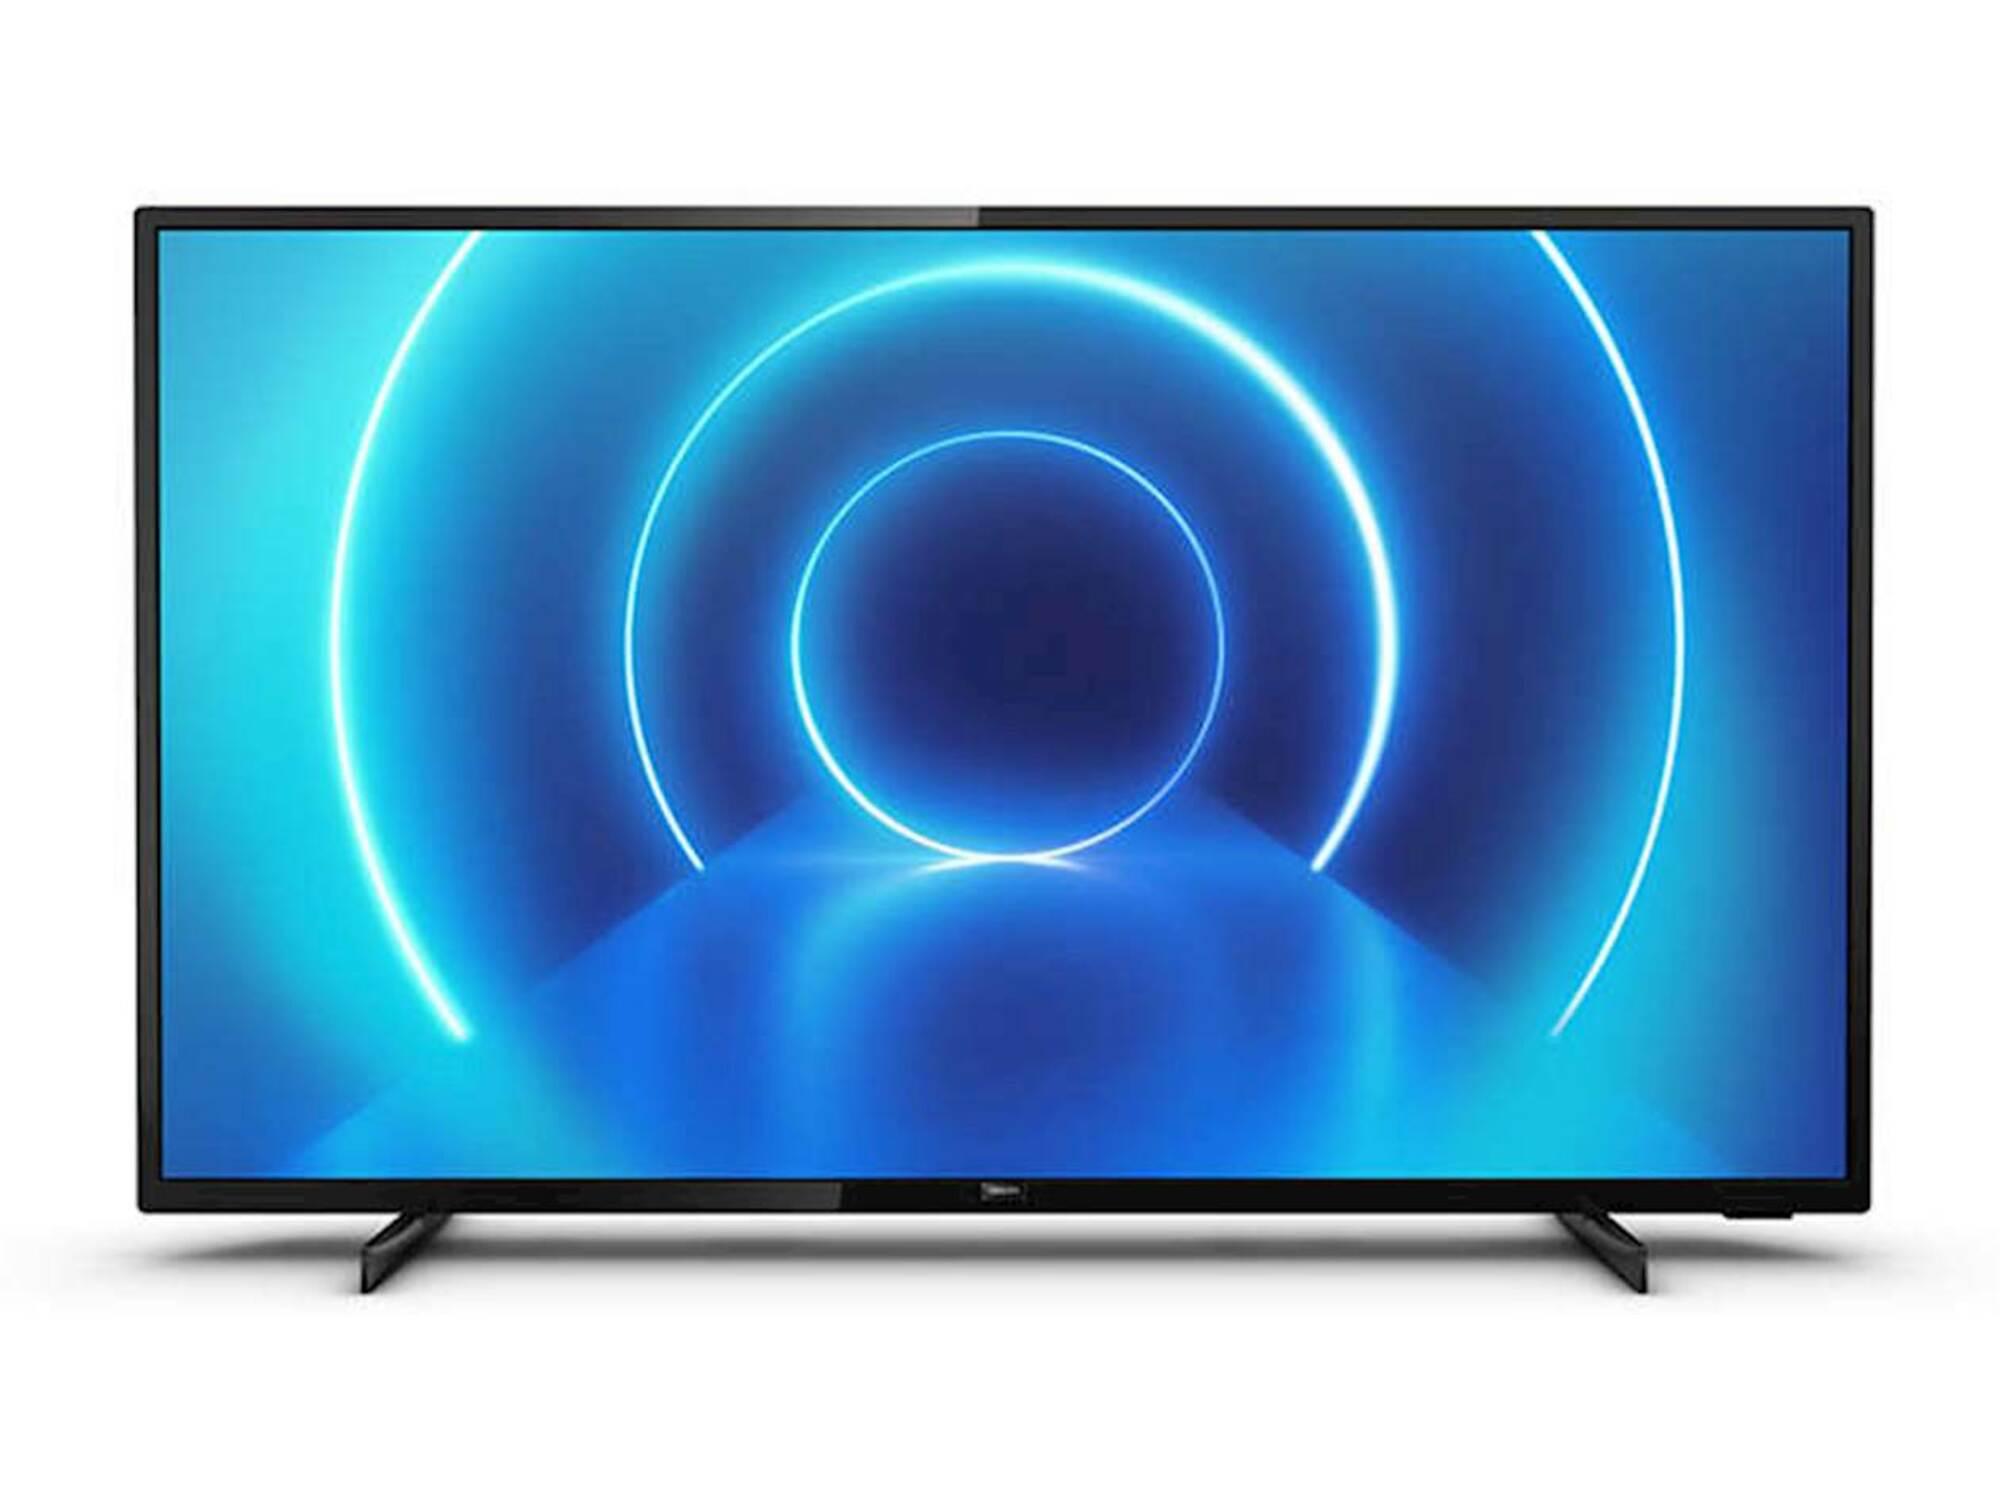 PHILIPS LED TV PHILIPS 70PUS7505 70PUS7505